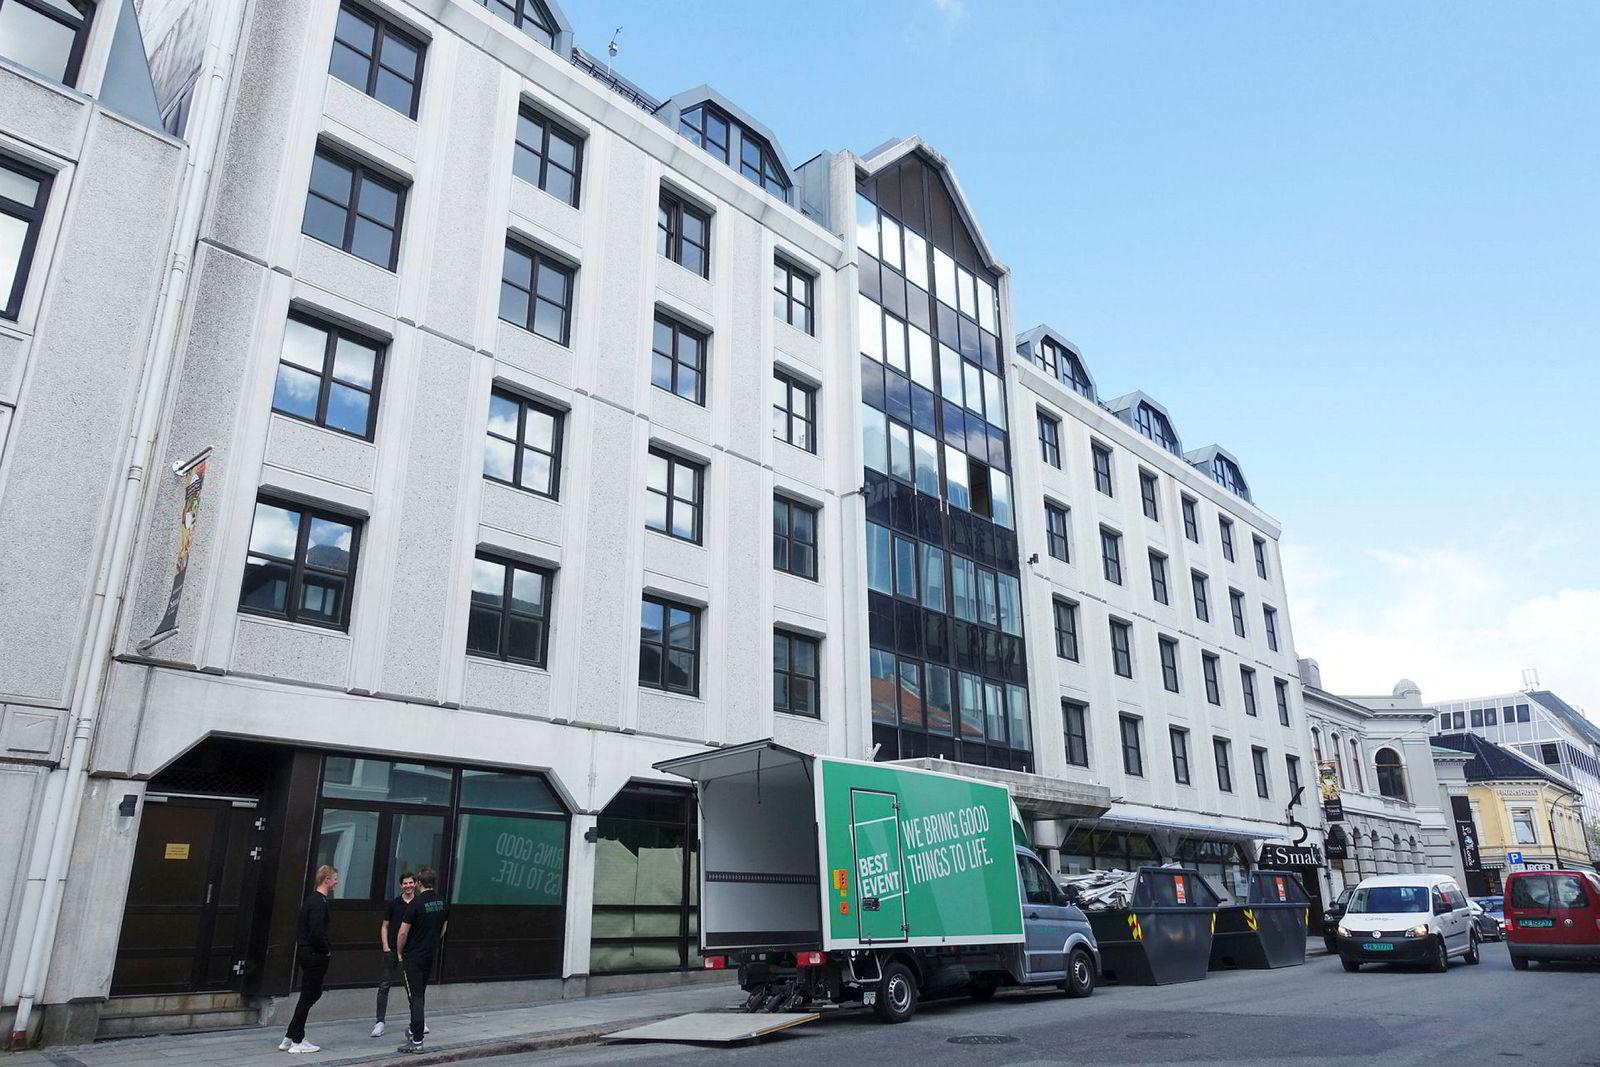 At Hotel Norge i Kristiansand stengte dørene for rehabilitering 1. april er et lyspunkt i et ellers ganske mørkt marked for hotellene i sørlandsbyen.